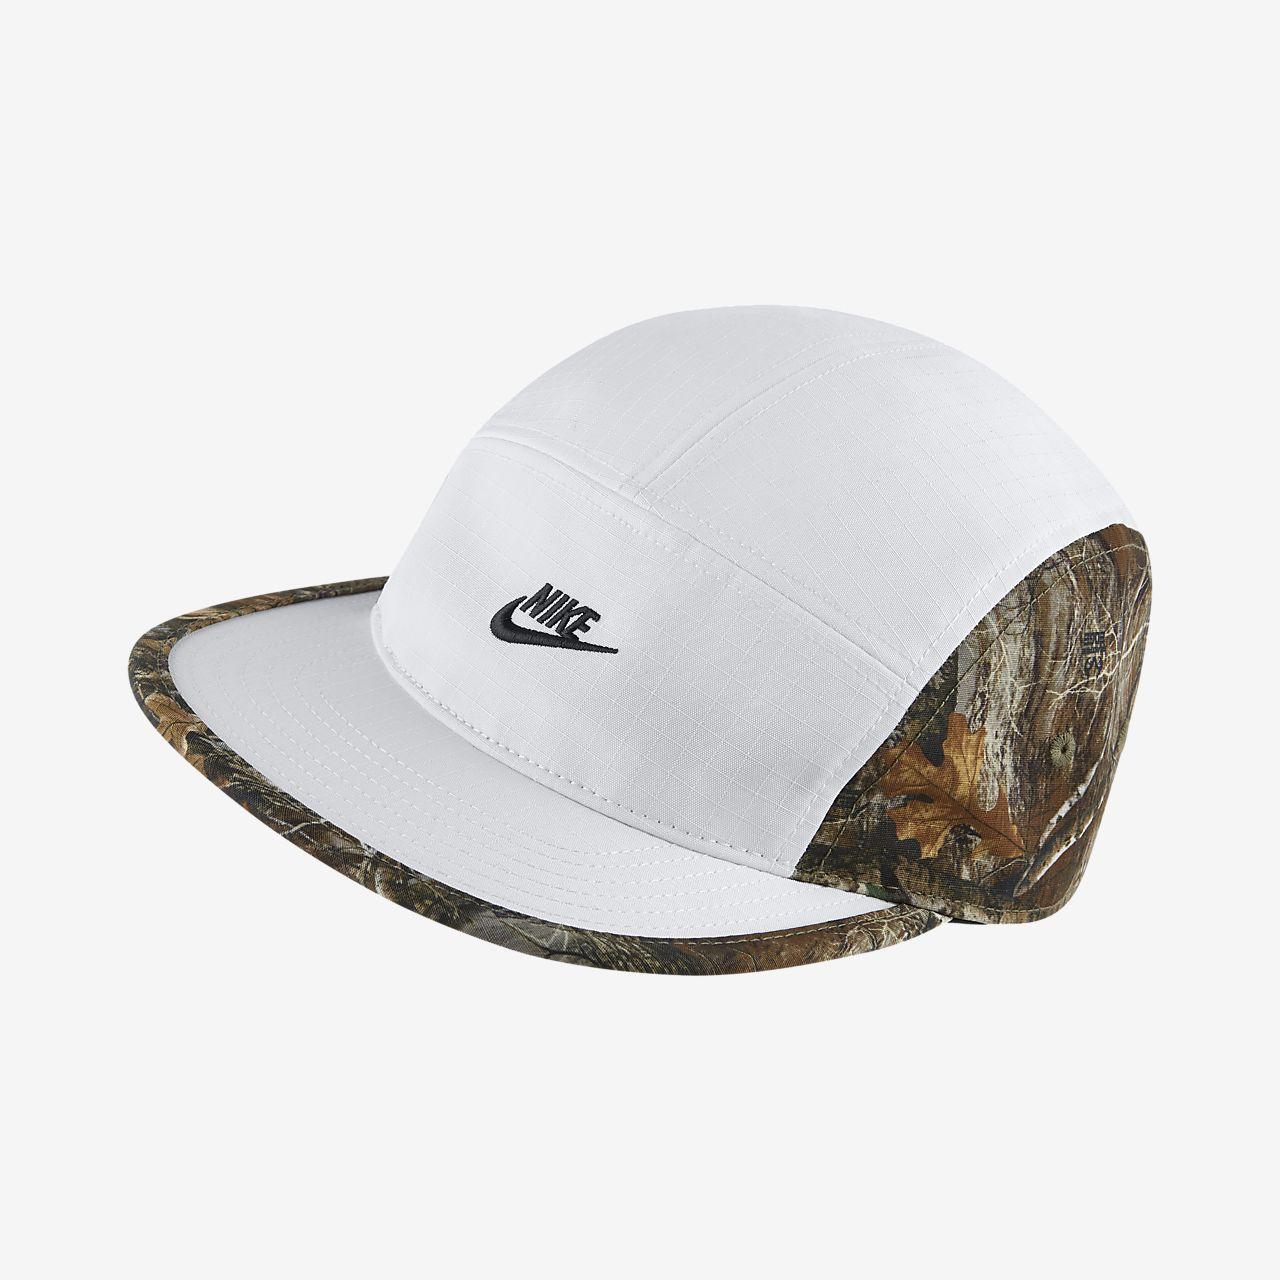 Nike Sportswear AW84 RLT 运动帽